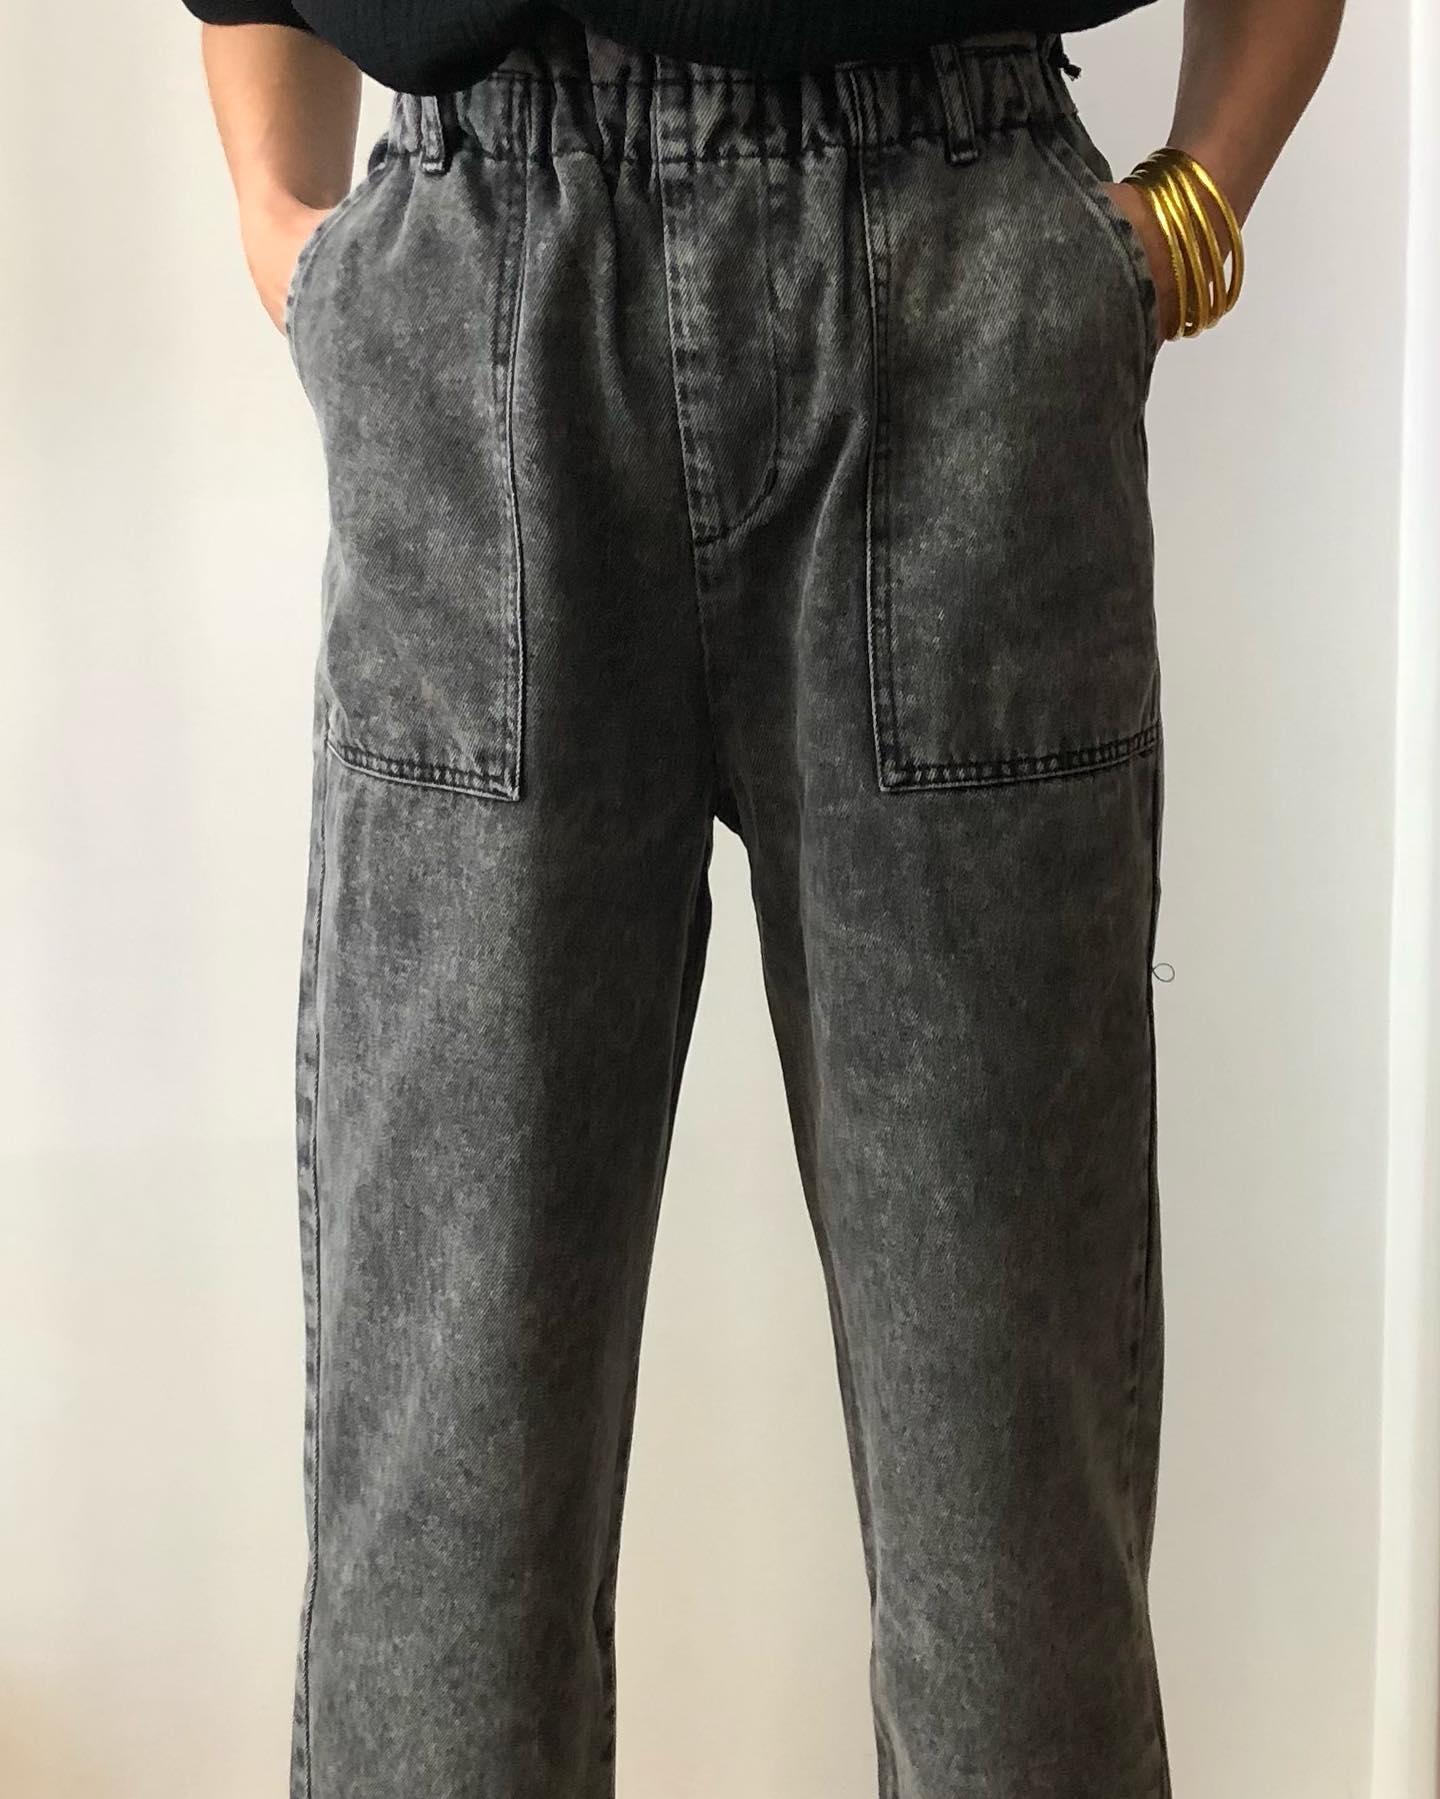 Le pantalon Yael en toile de jean gris délavé, en ligne  www.lesheuresparis.fr #pantalon #jean #gris #allure #ootd #hodetteshttps://www.instagram.com/p/COJHxWvFfrR/